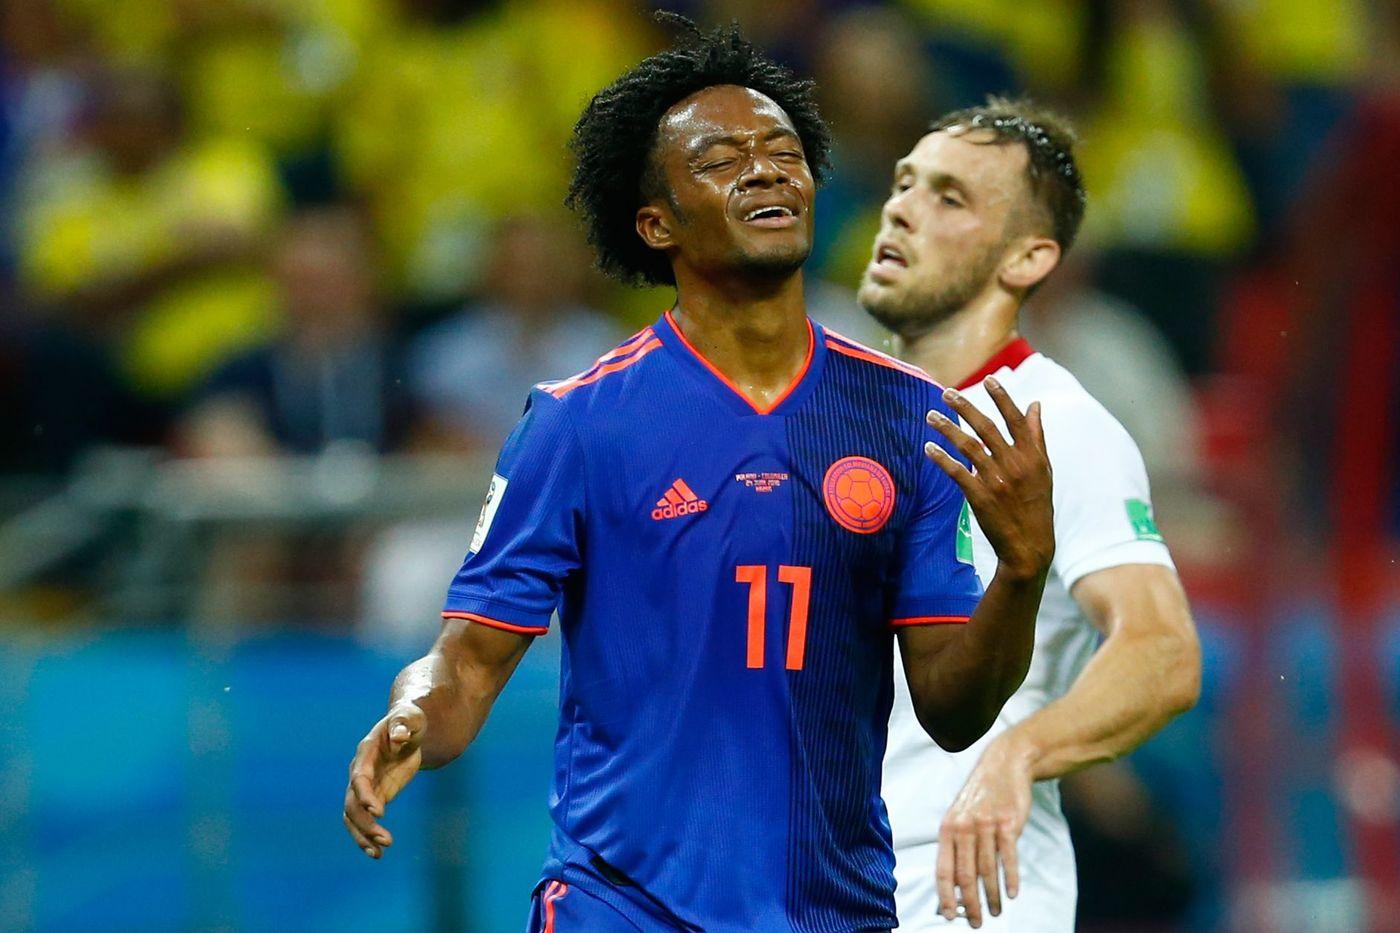 USA-Colombia 12 ottobre: si gioca un'amichevole interessante tra nazionali di livello medio-alto. I colombiani hanno più qualità.